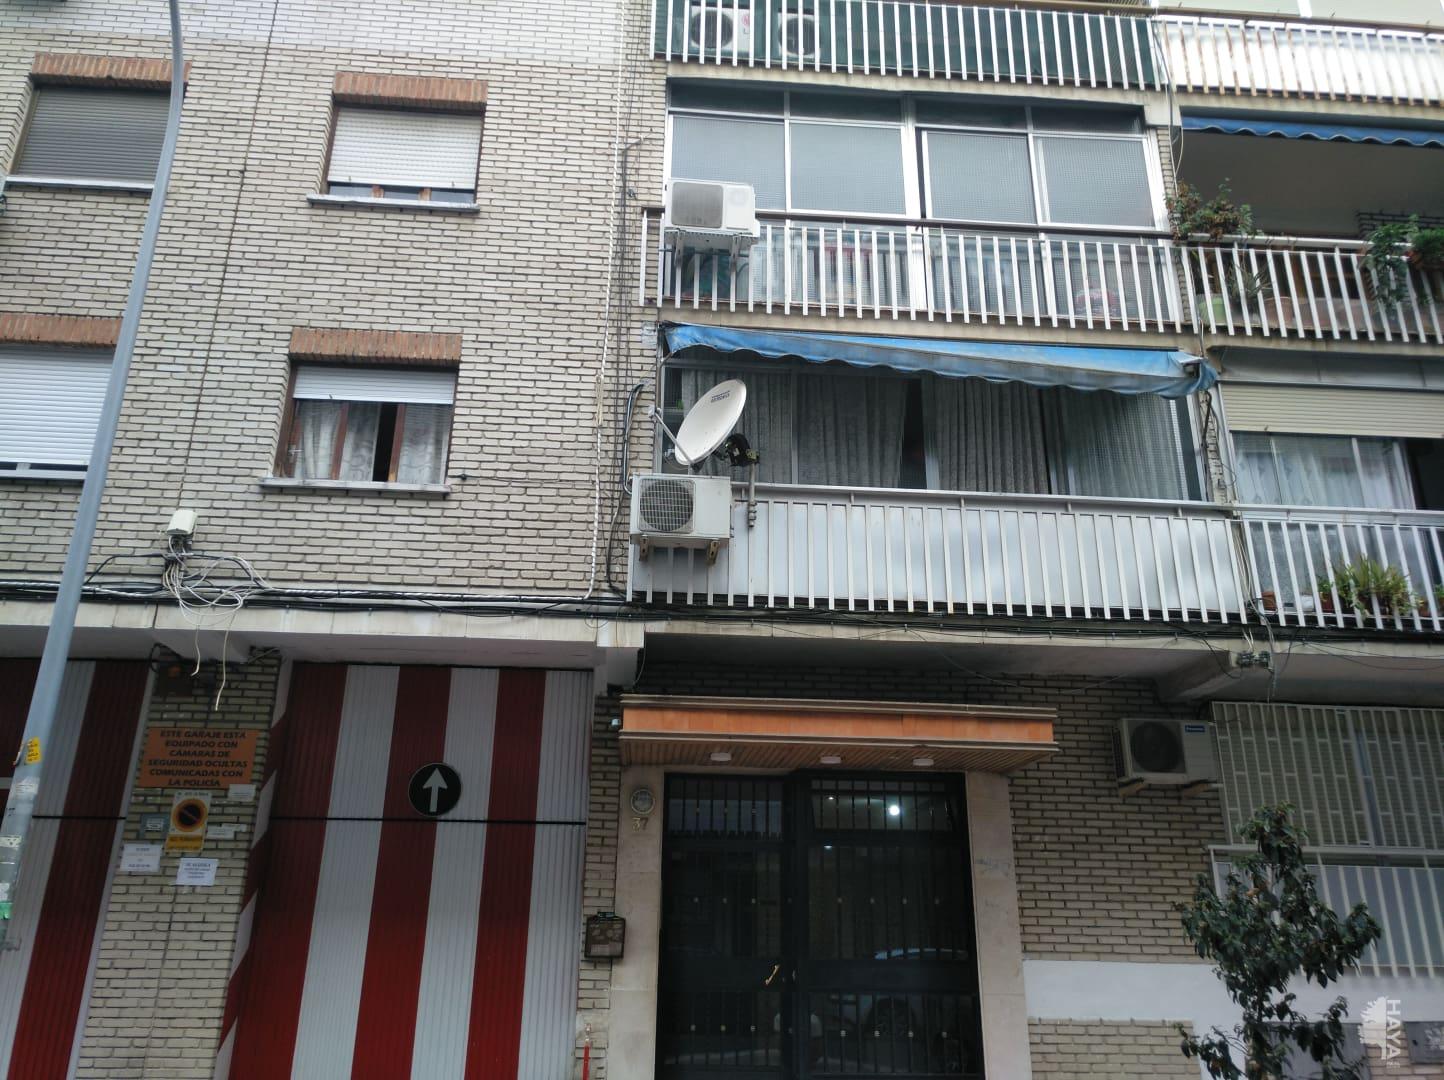 Piso en venta en Parla, Madrid, Calle Ciudad Real, 73.547 €, 3 habitaciones, 1 baño, 83 m2